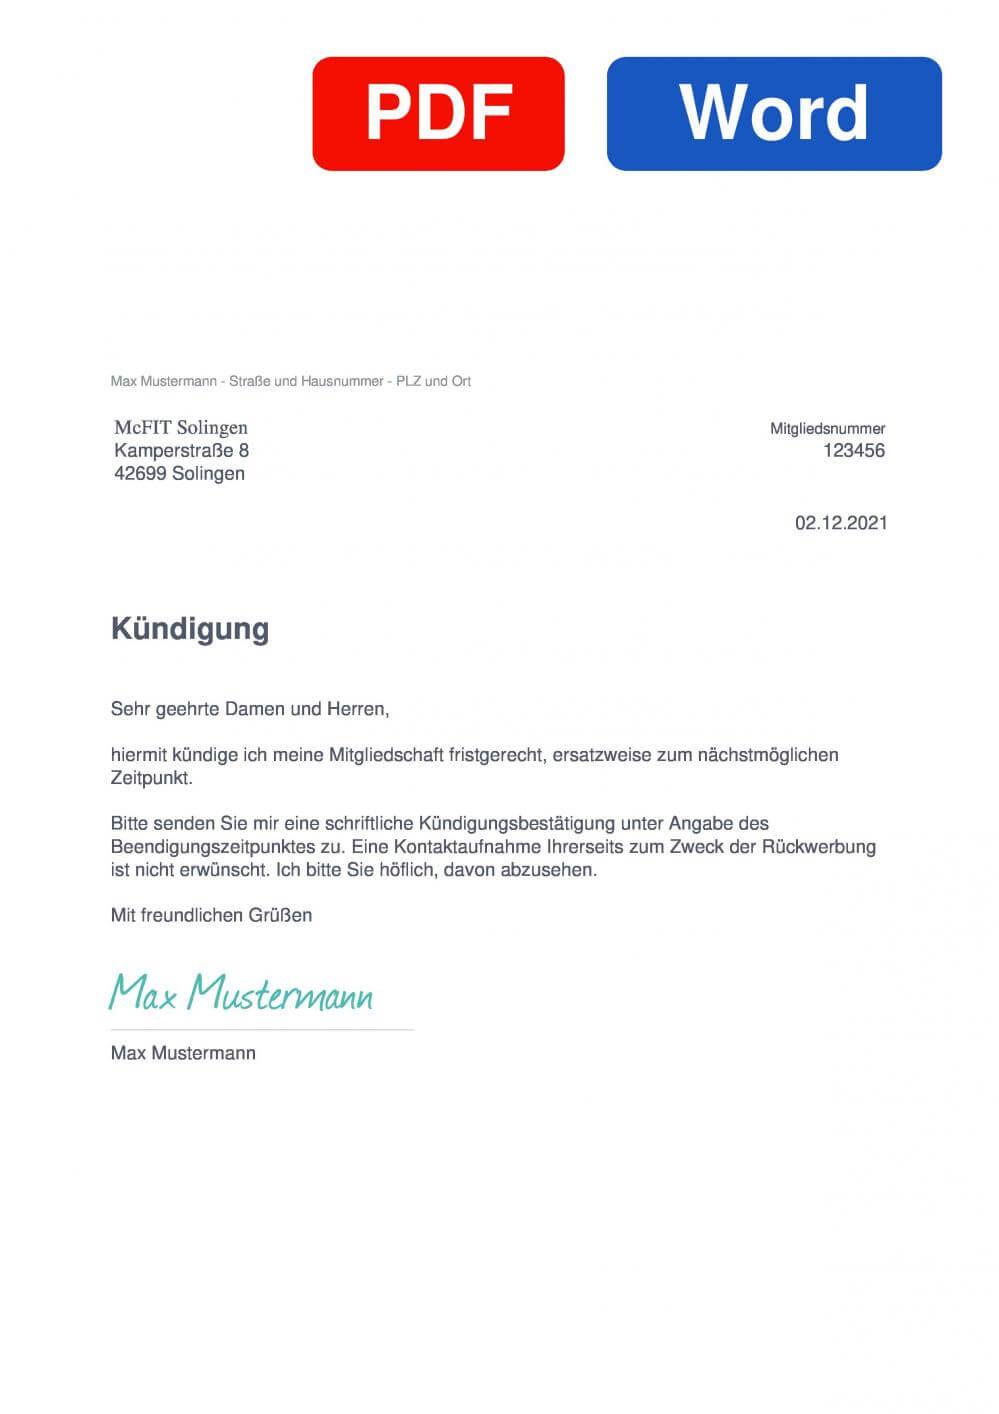 McFIT Solingen Kamperstraße Muster Vorlage für Kündigungsschreiben